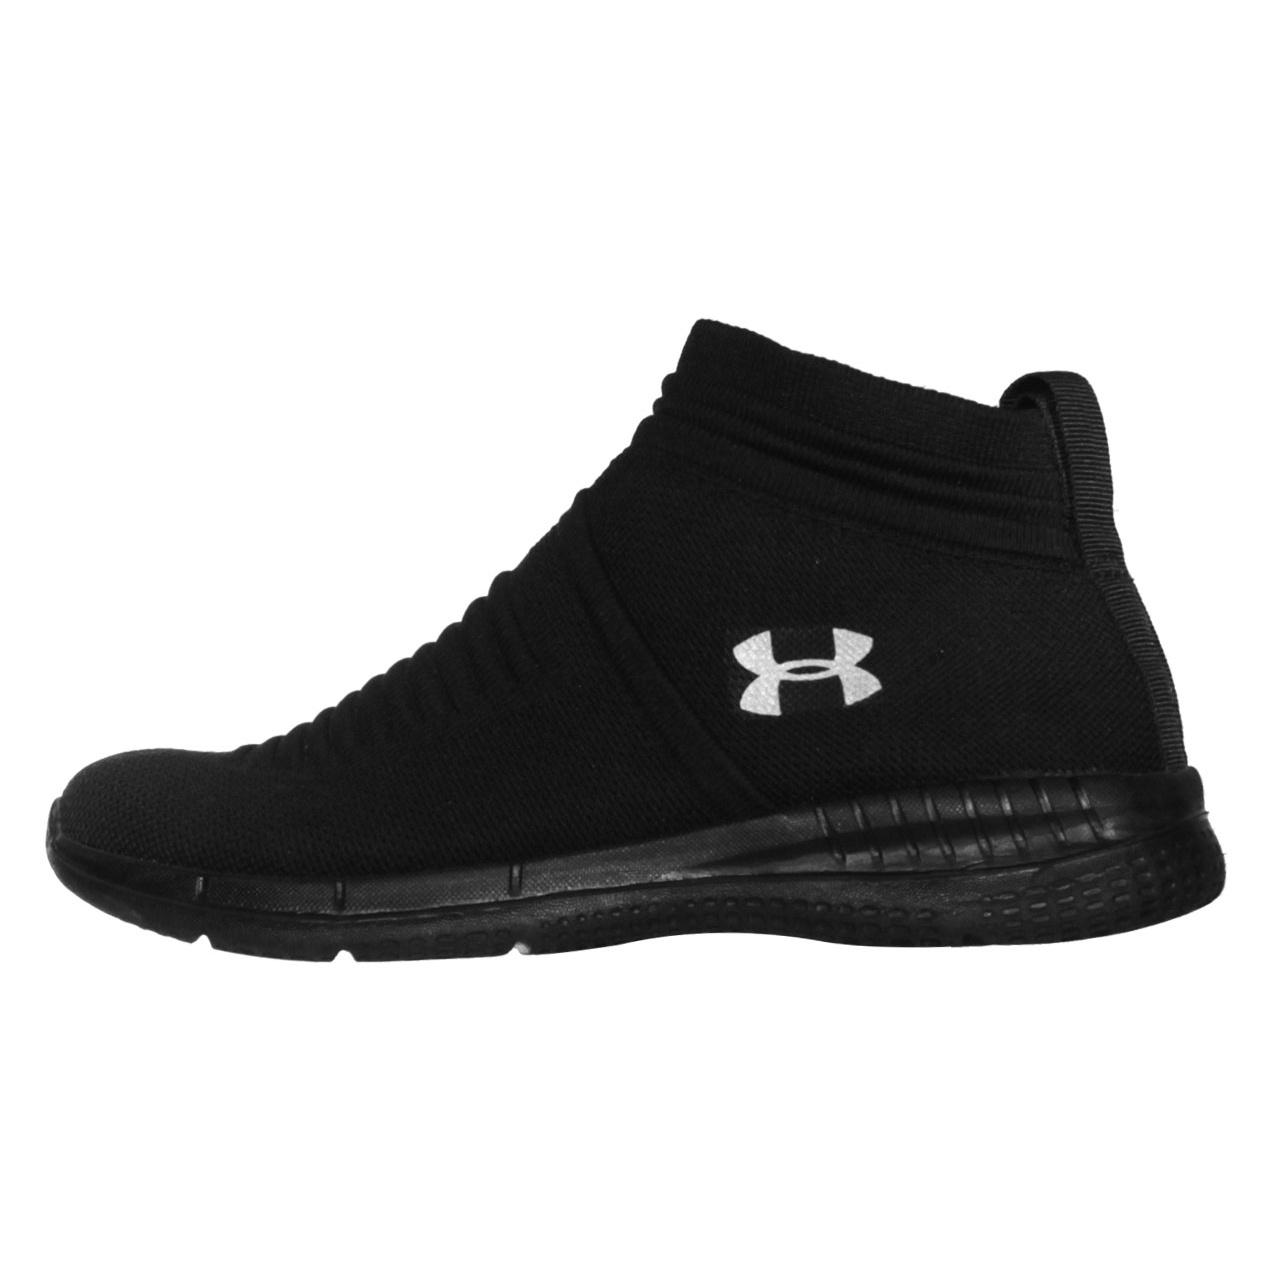 کفش مخصوص پیاده روی زنانه مدل Aaron کد 04